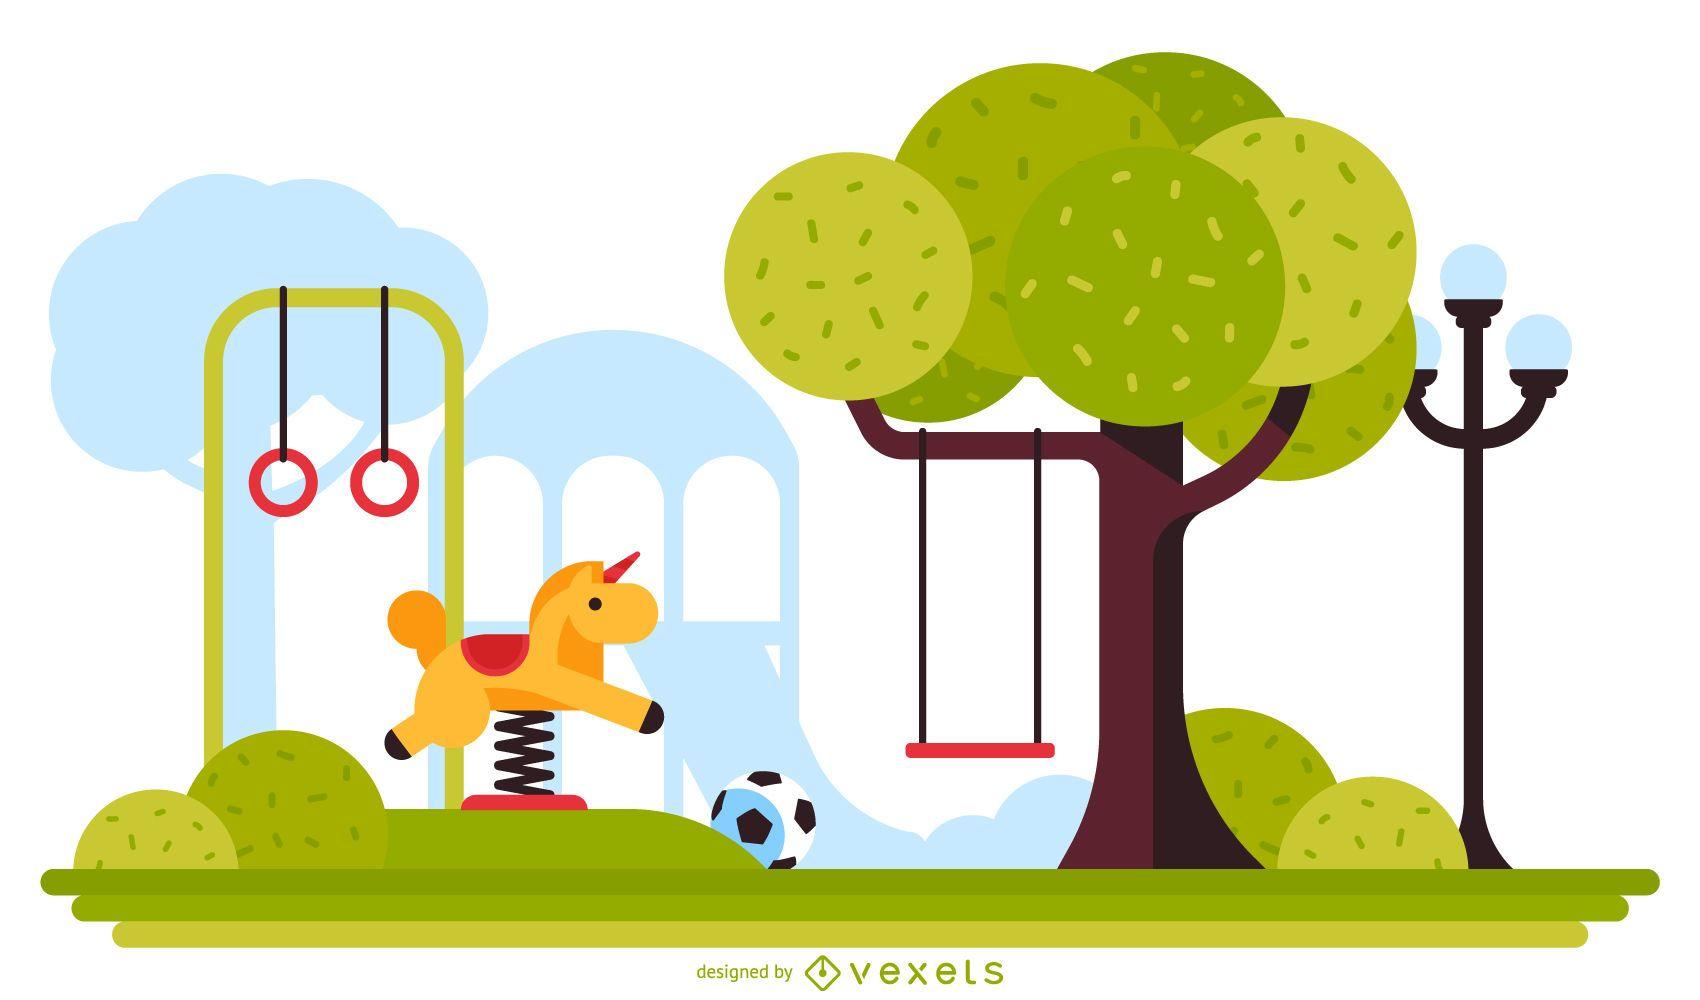 Ilustraci?n de juegos infantiles al aire libre